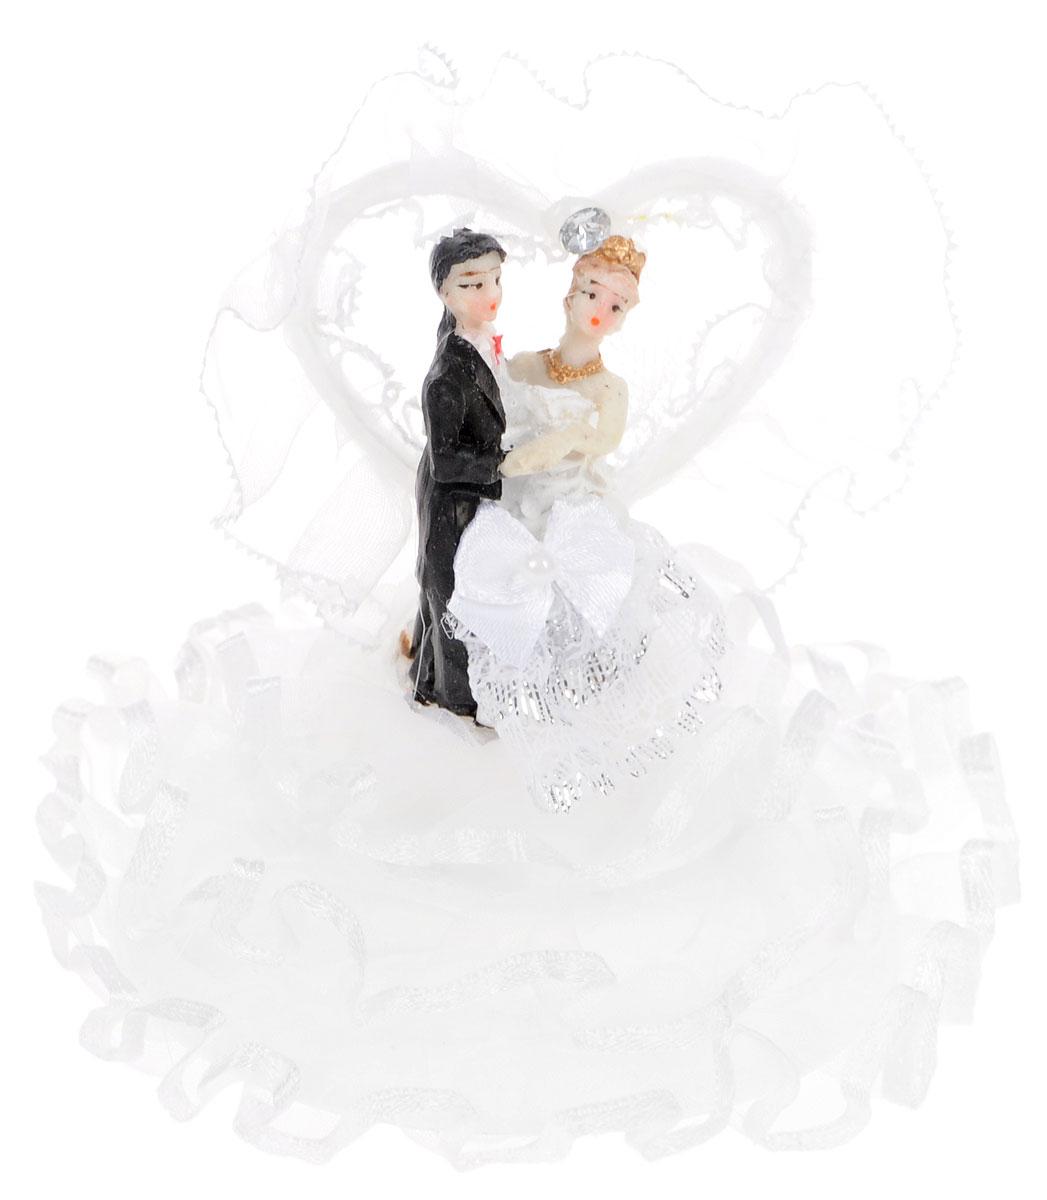 Фигурка декоративная Win Max Жених и невеста, высота 11 см. 2790227902Декоративная фигурка Win Max Жених и невеста изготовлена из полистоуна и текстиля. Изделие представляет собой круглую подставку с фигурками жениха и невесты, украшенных тесьмой и стразами. Такая фигурка идеально впишется в свадебный интерьер и будет радовать вас своим видом в самый важный день в вашей жизни. Высота фигурки: 11 см.